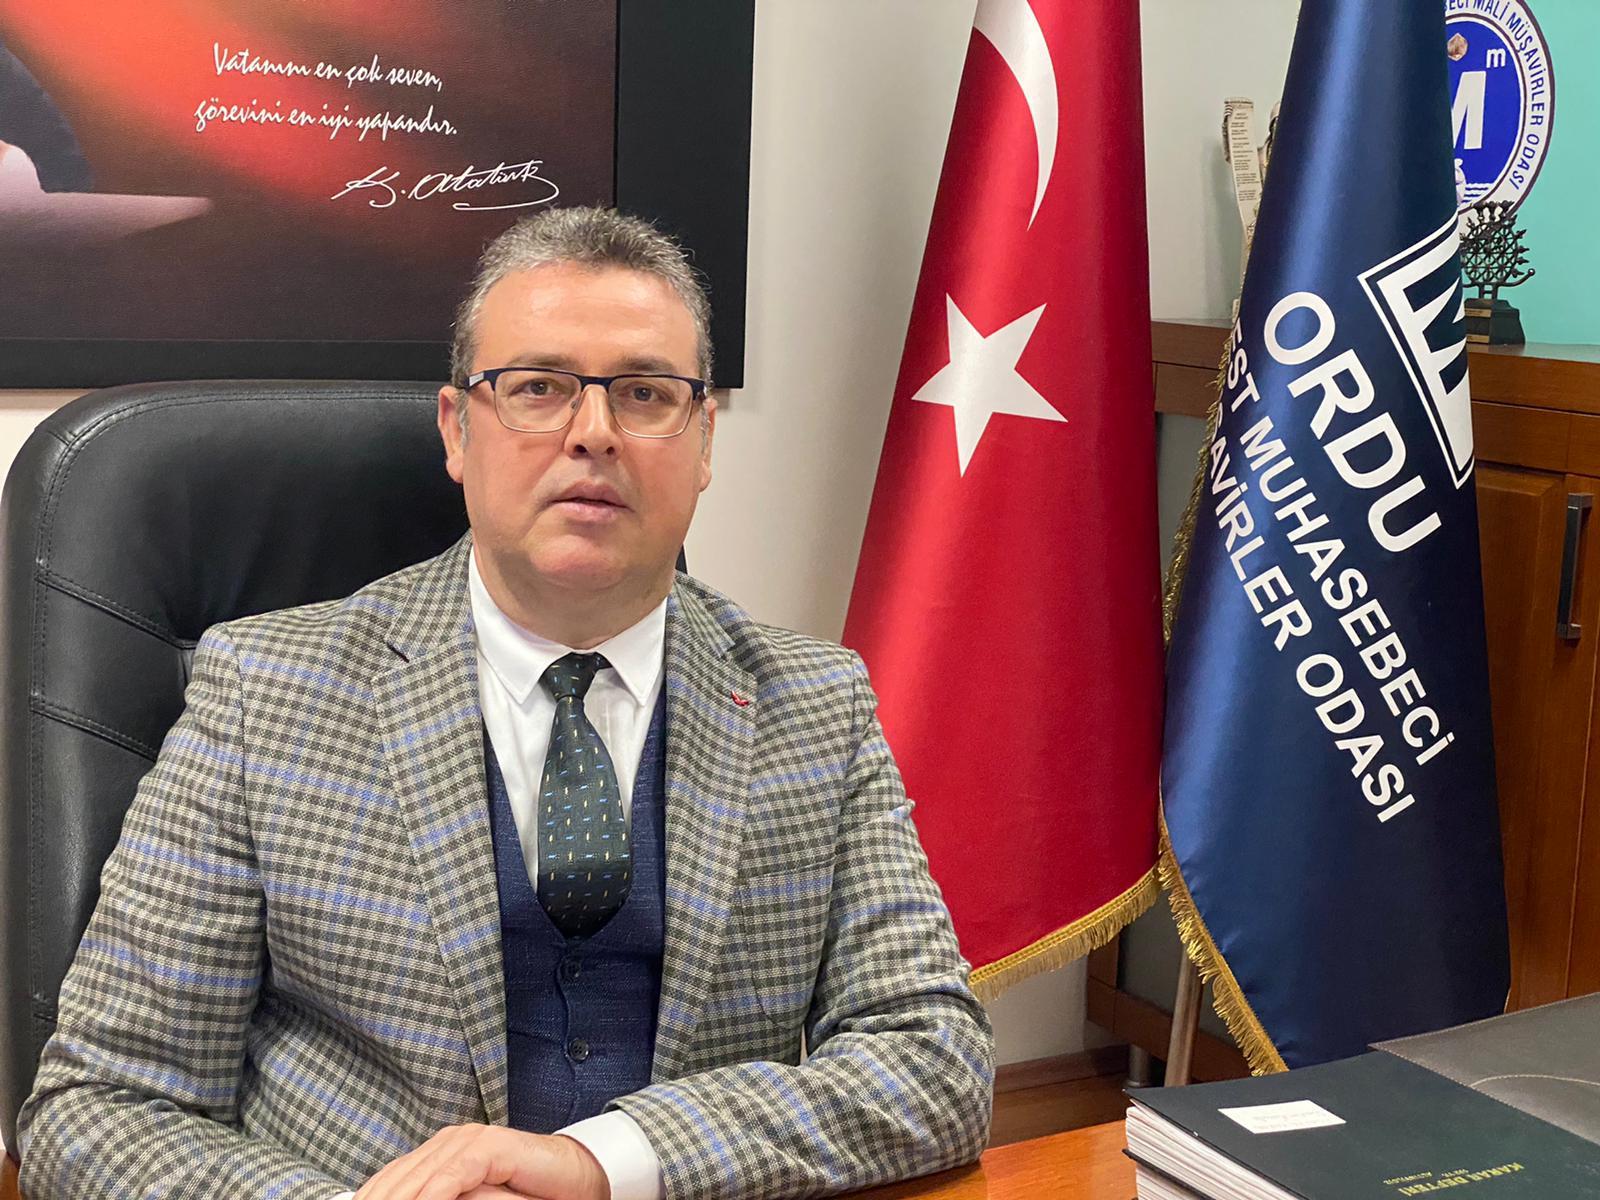 ORDU MALİ MÜŞAVİRLER ODASI TARAFINDAN DÜZENLENEN e- SEMİNER'E İLGİ ÇOK FAZLAYDI